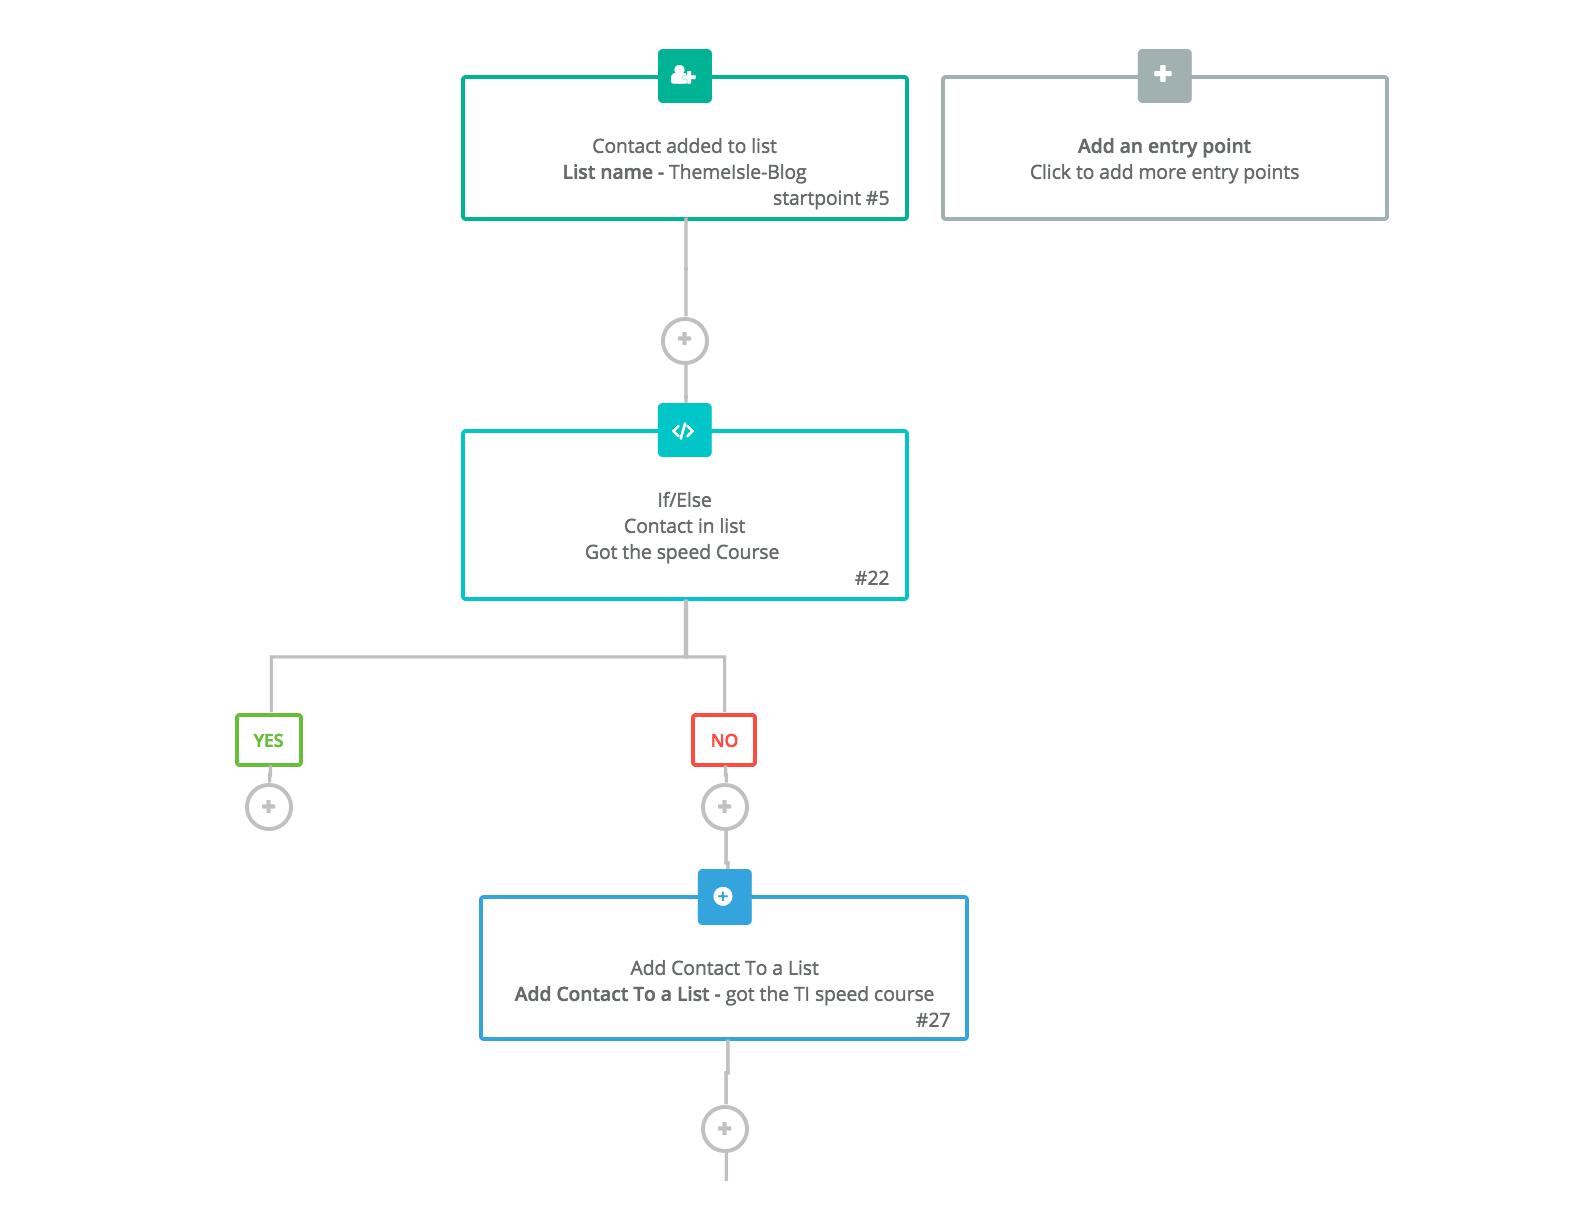 sendinblue workflow